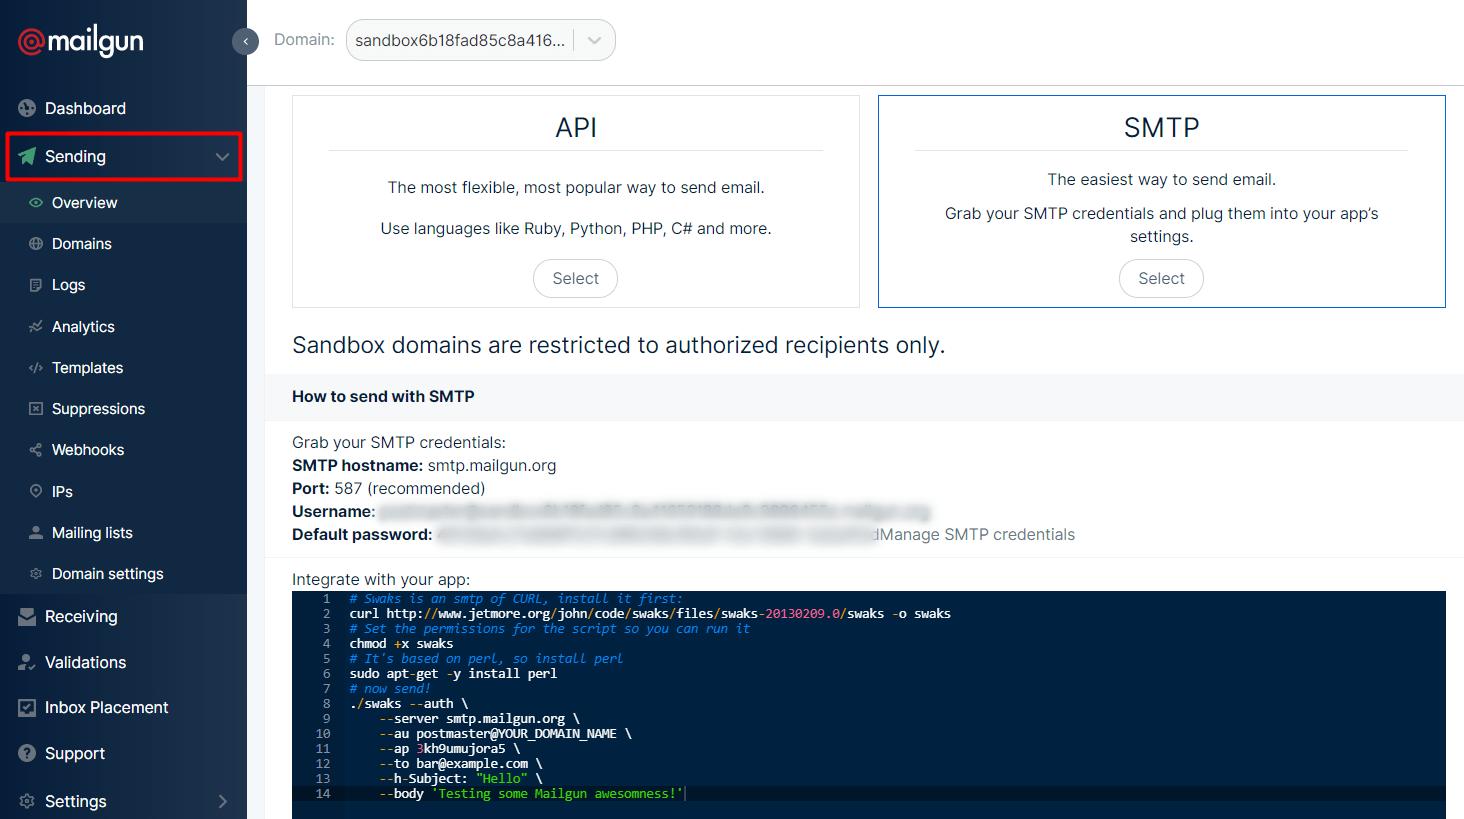 Mailgun SMTP dashboard